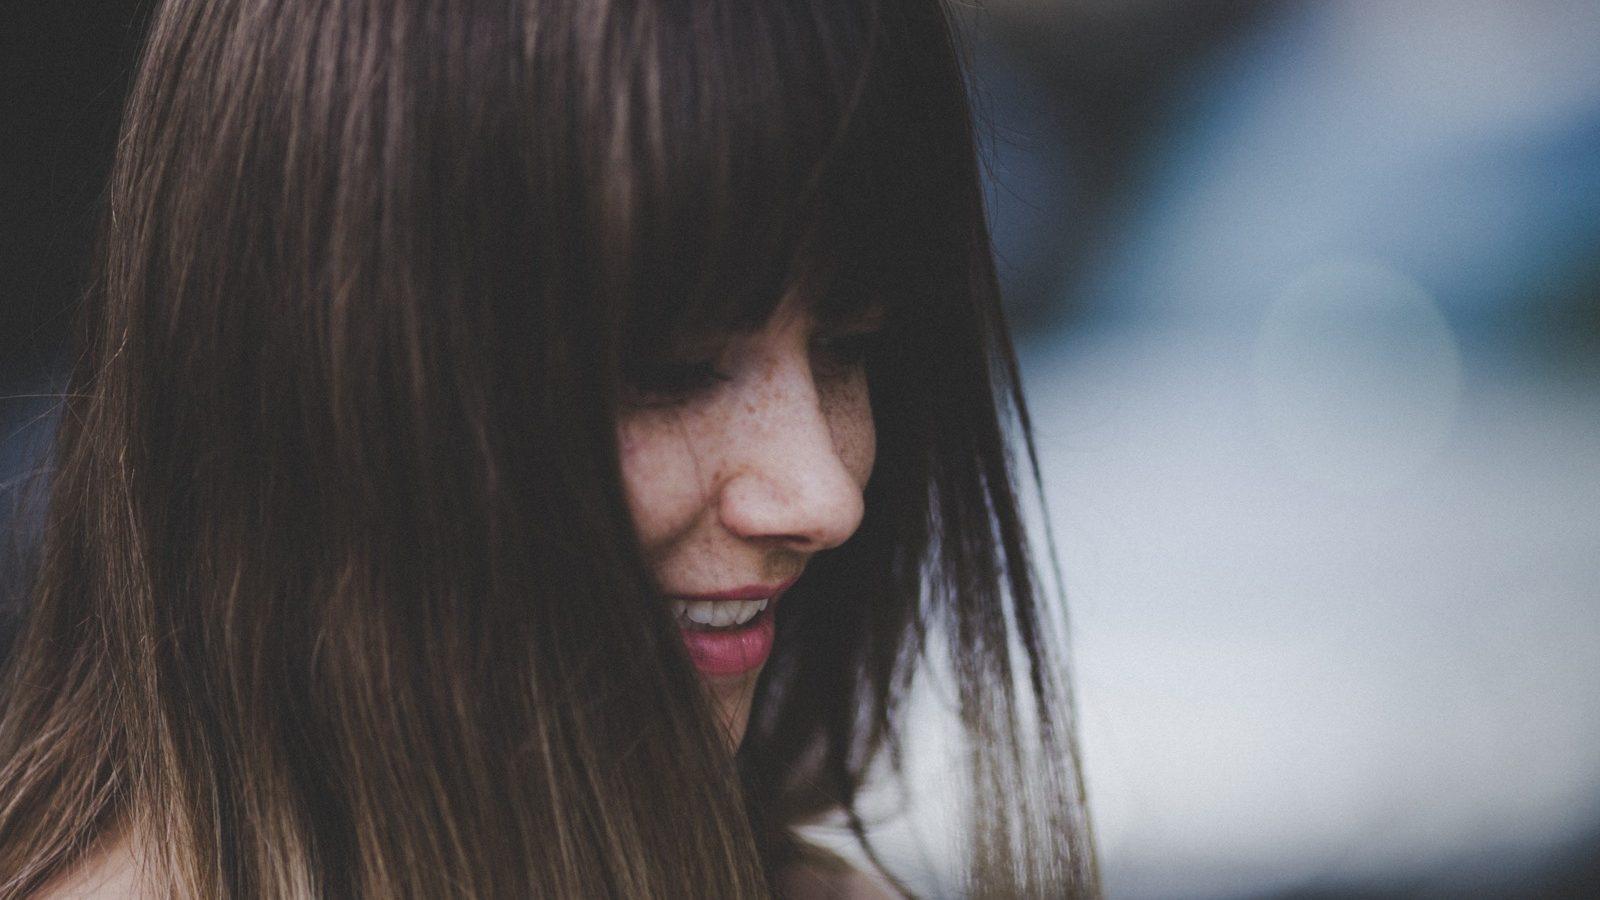 Truques simples que tornarão a sua vida mais feliz